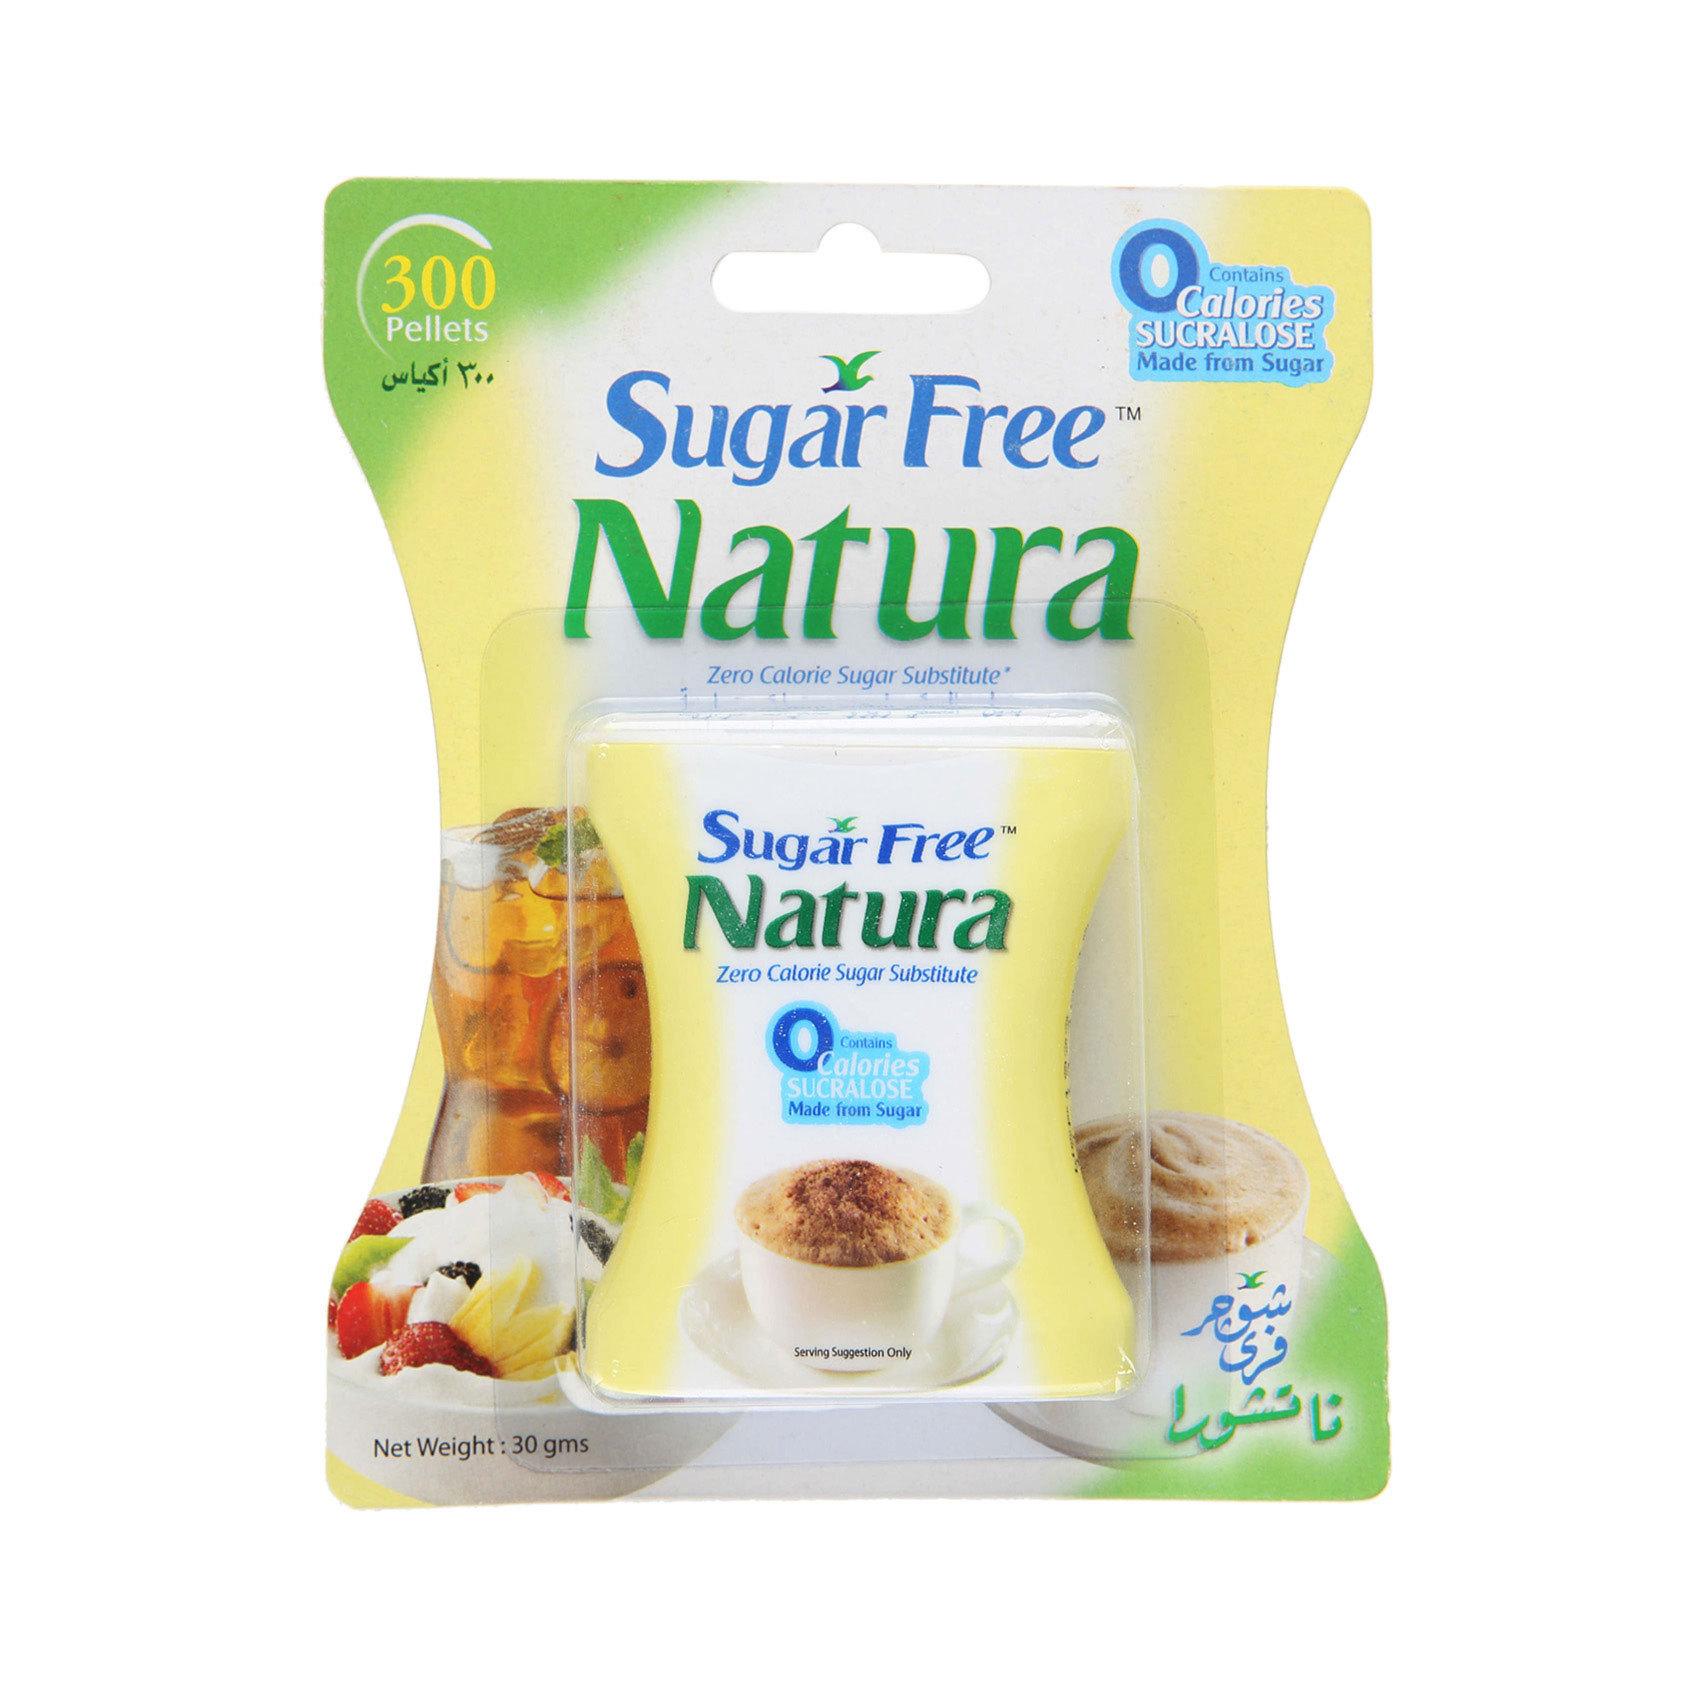 SUGARFREE NATURA 300 PELLETS